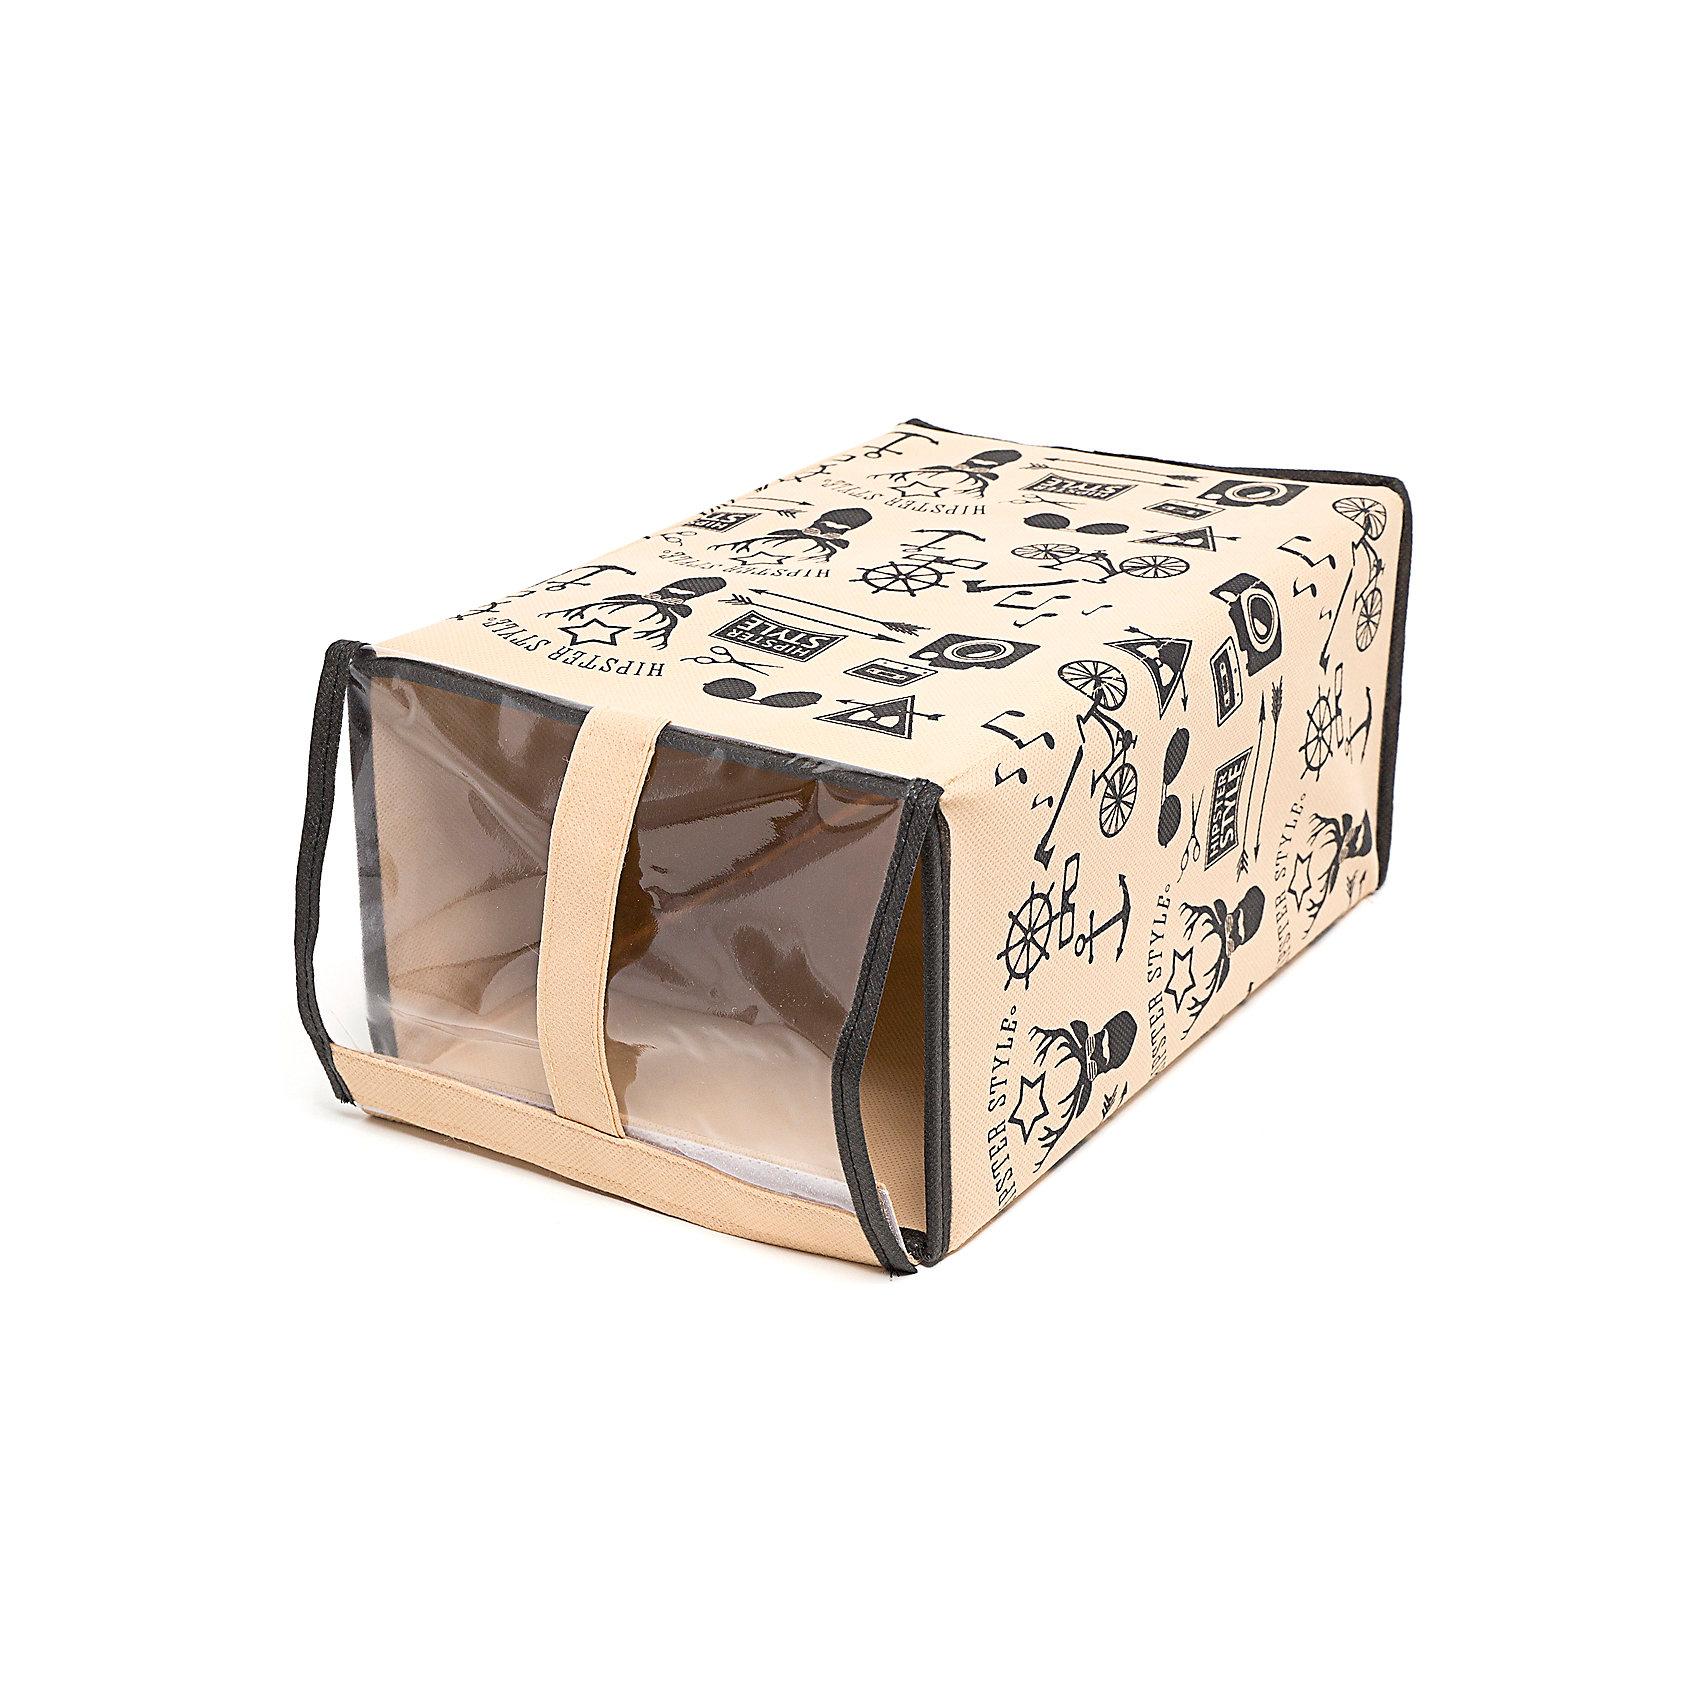 Обувная коробка Hipster Style (33*22*16), HomsuПорядок в детской<br>Характеристики товара:<br><br>• цвет: бежевый<br>• материал: спанбонд, картон, ПВХ<br>• размер: 33х22х16 см<br>• вес: 300 г<br>• прозрачная крышка<br>• ручка для переноски<br>• вместимость: 1 отделение<br>• страна бренда: Россия<br>• страна изготовитель: Китай<br><br>Обувная коробка Hipster Style от бренда Homsu (Хомсу) - очень удобная вещь для хранения вещей и эргономичной организации пространства.<br><br>Предмет легкий, устойчивый, вместительный, имеет удобную ручку для переноски.<br><br>Обувную коробку Hipster Style (33*22*16), Homsu можно купить в нашем интернет-магазине.<br><br>Ширина мм: 360<br>Глубина мм: 330<br>Высота мм: 20<br>Вес г: 300<br>Возраст от месяцев: 216<br>Возраст до месяцев: 1188<br>Пол: Унисекс<br>Возраст: Детский<br>SKU: 5620130